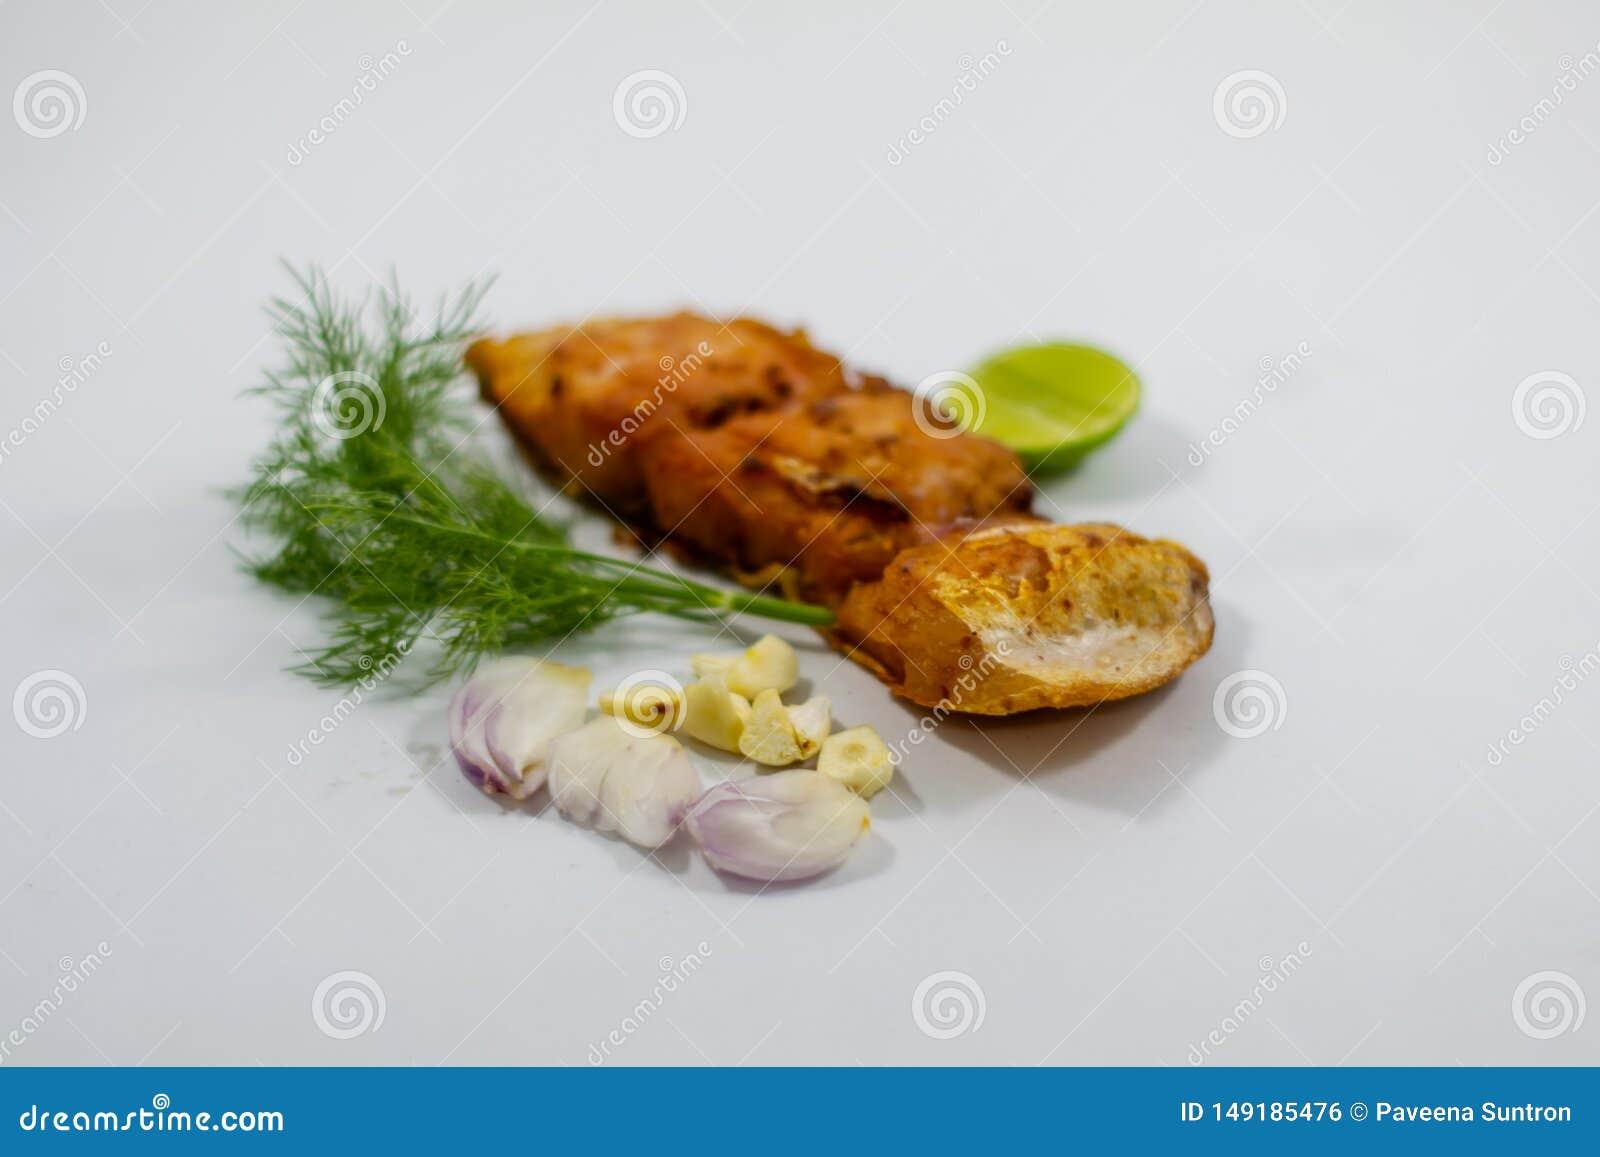 有菜的,葱,大蒜油煎的用卤汁泡的鱼片